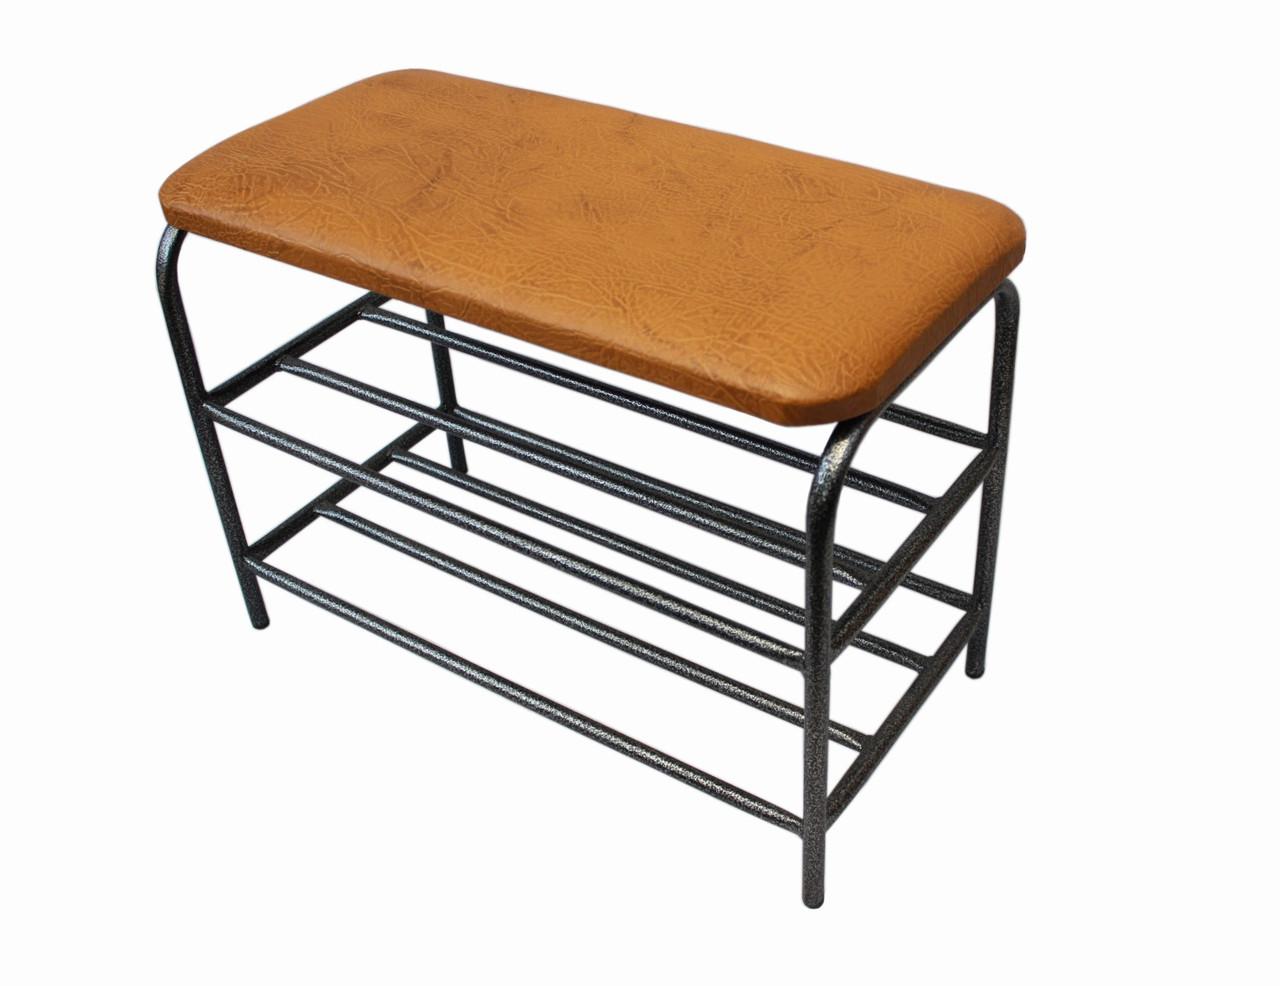 Банкетка 60 см каркас - графит сиденье из экокожи